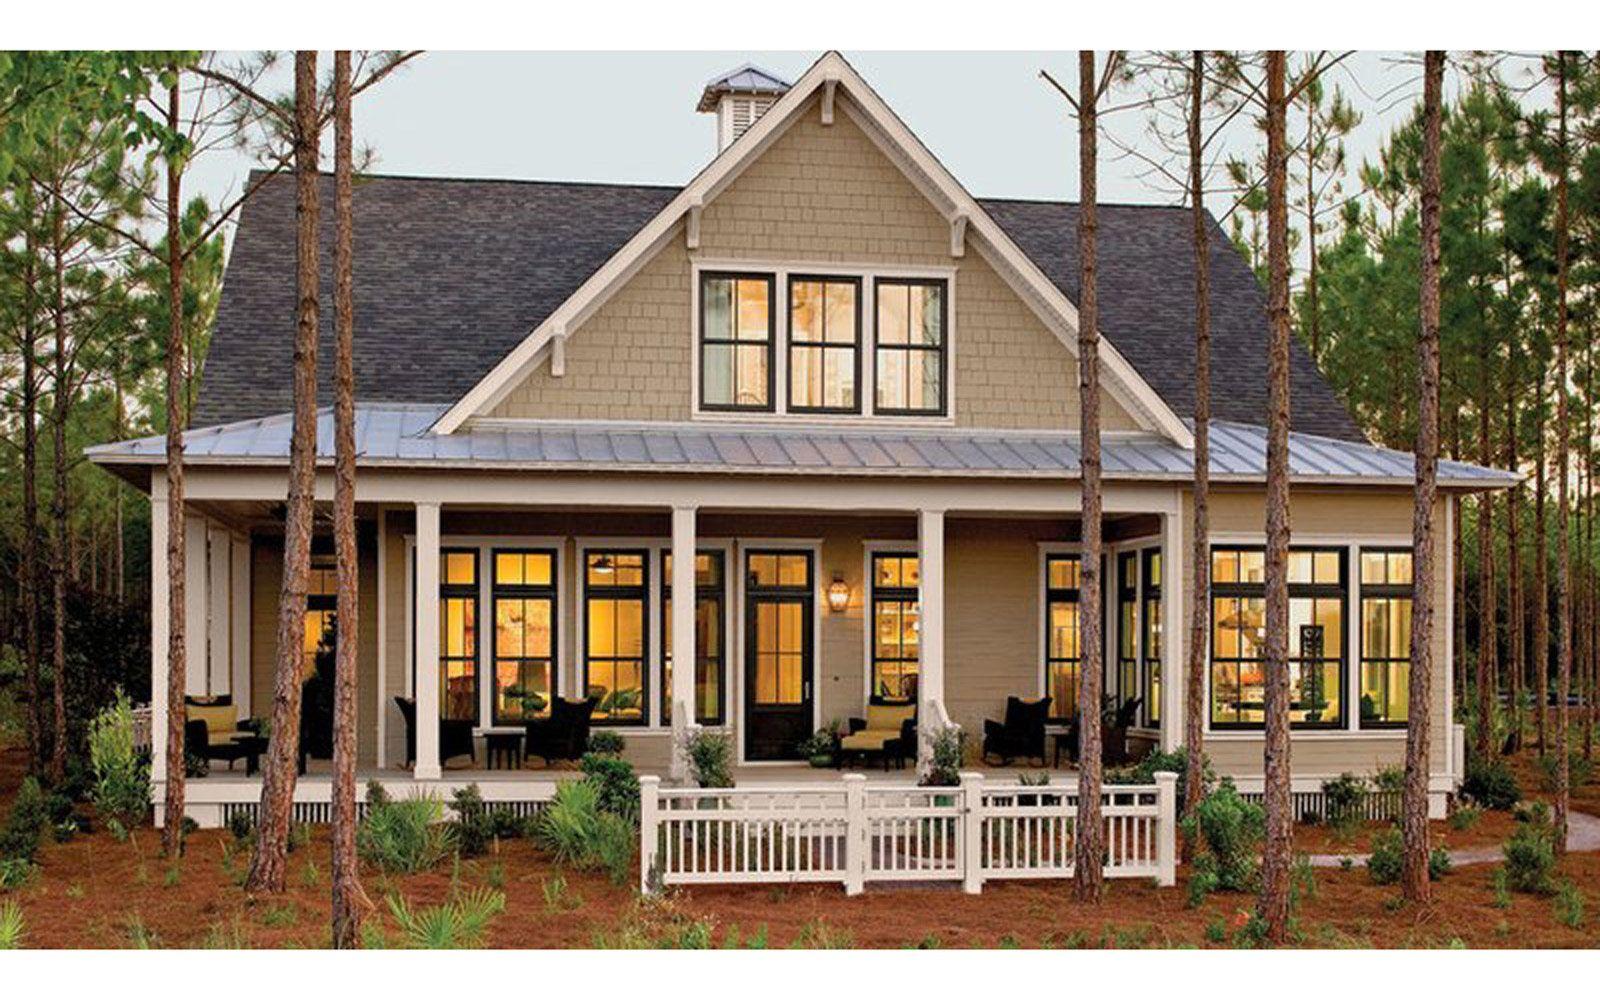 Dreamy House Plans Built For Retirement Southern House Plans Southern Living House Plans Craftsman House Plans